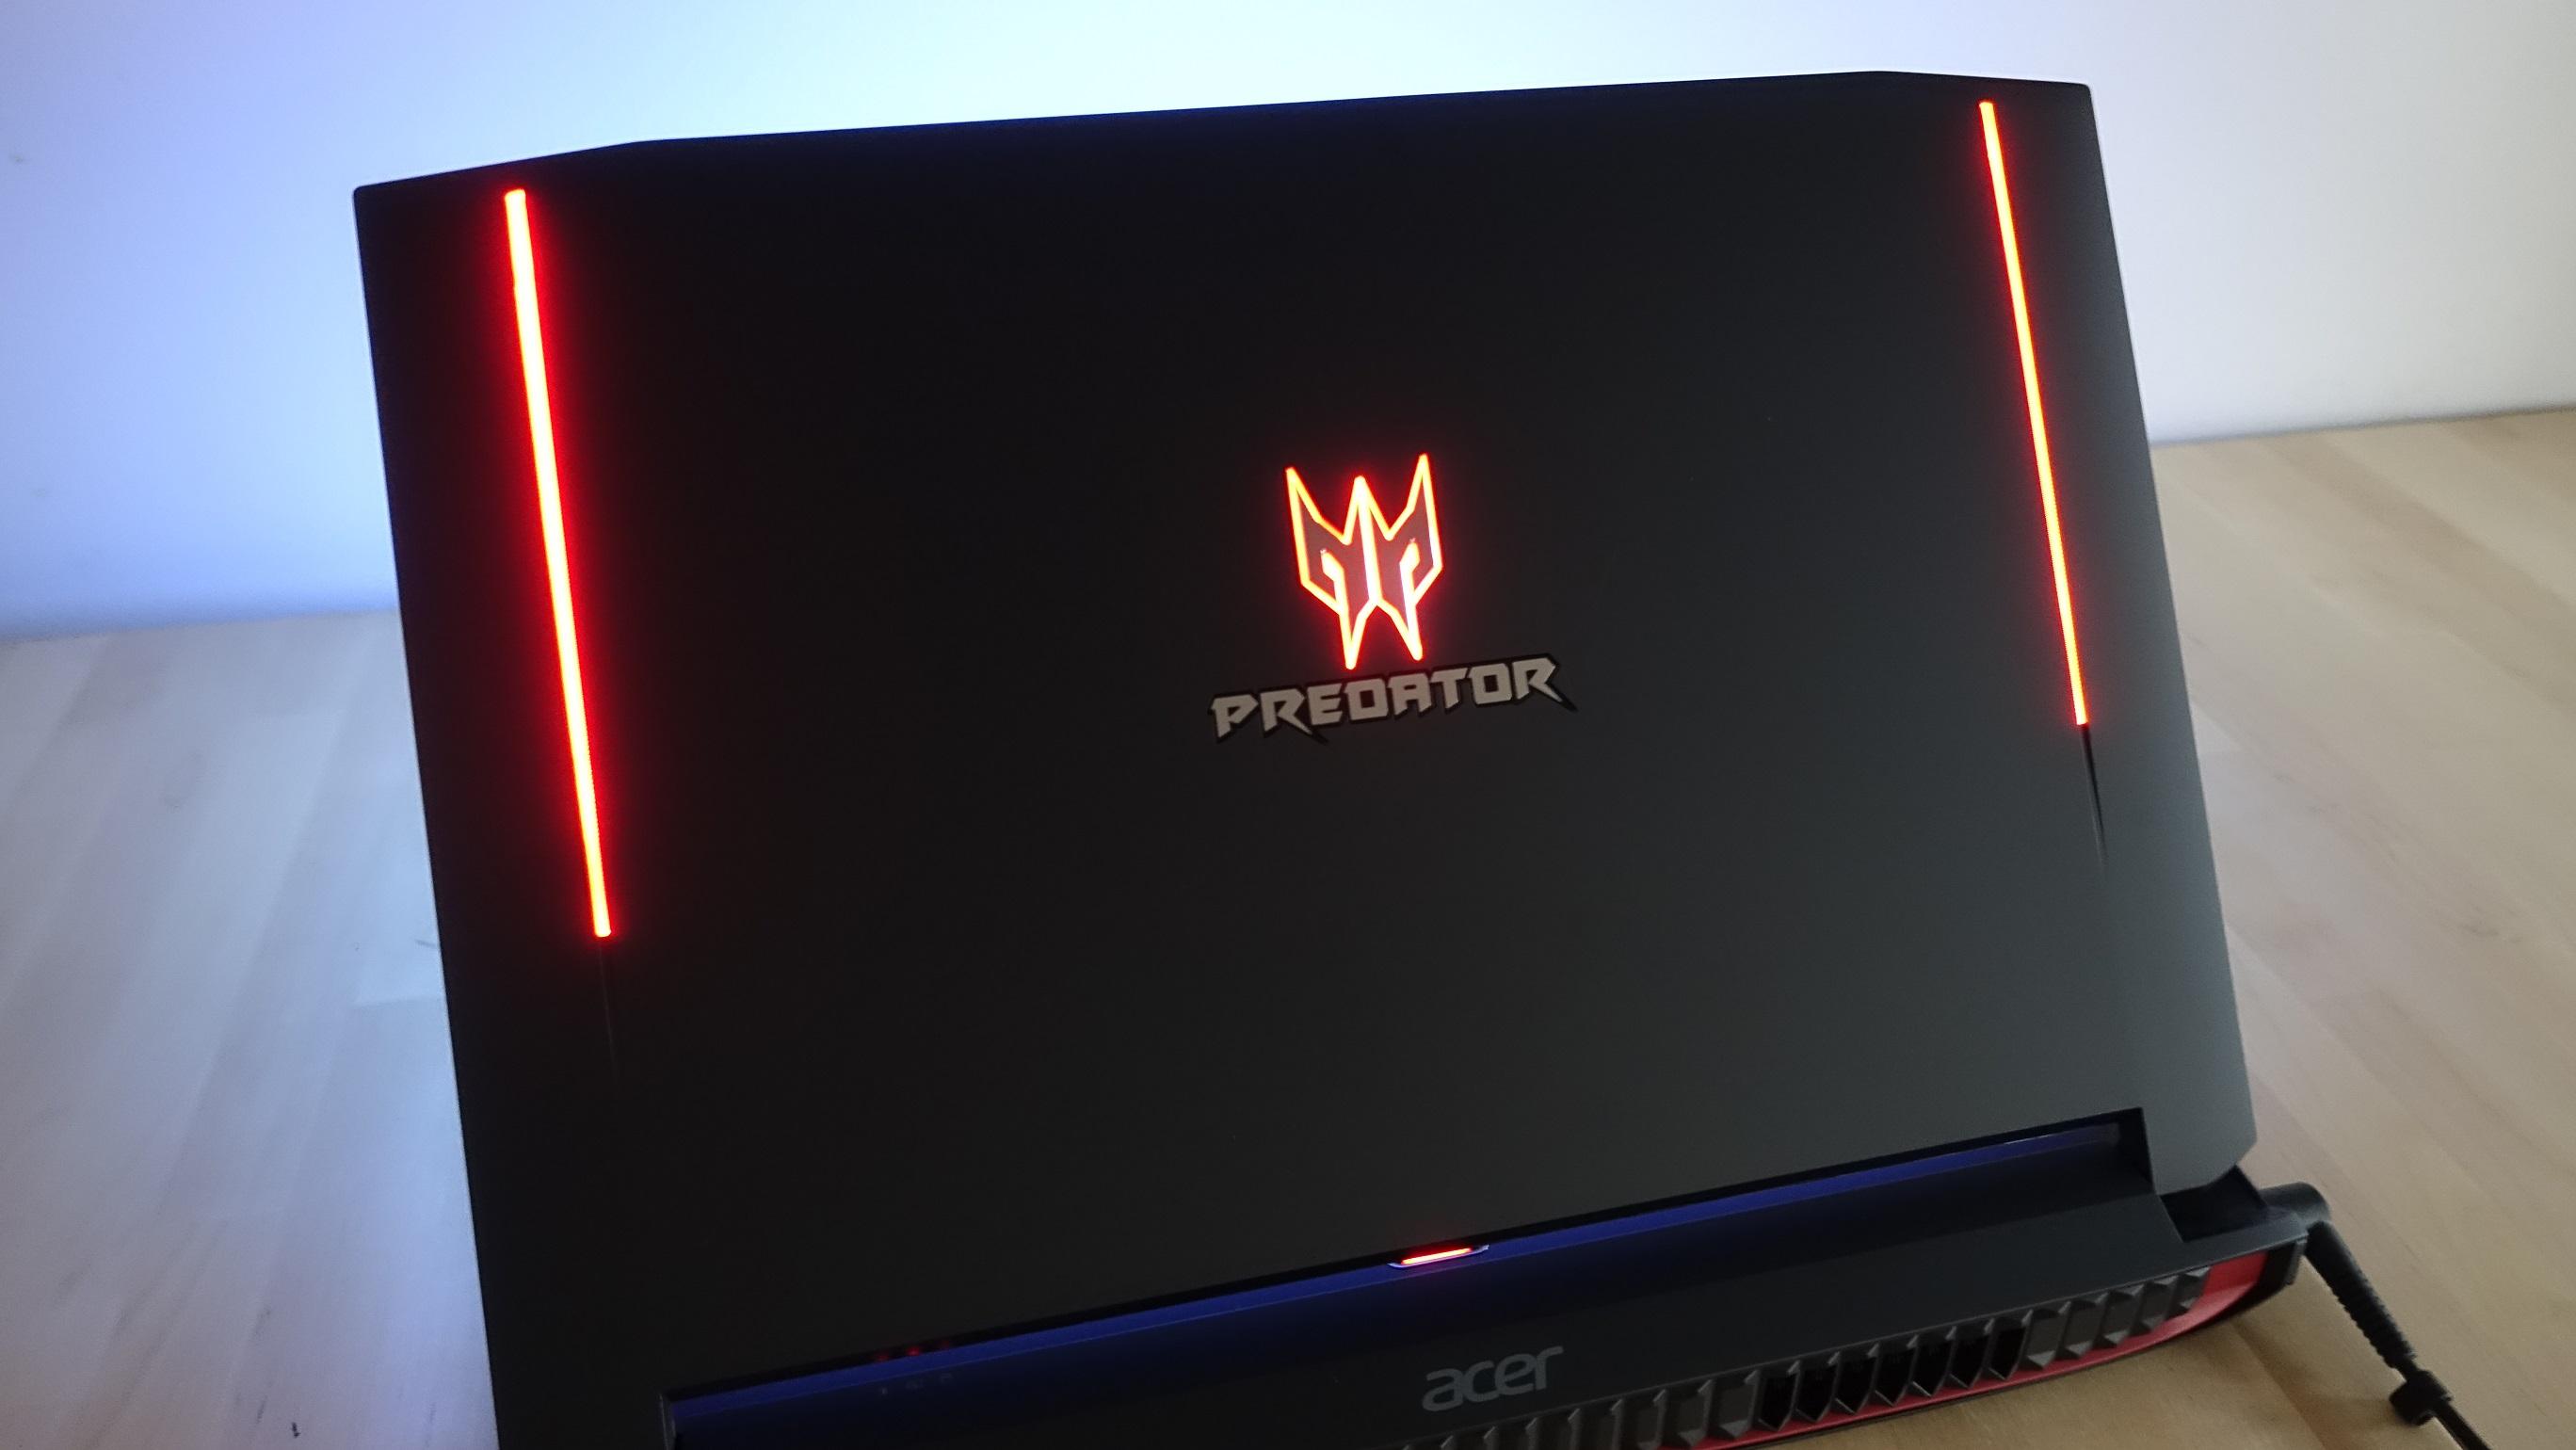 Predator-logoen i en nydelig rødfarge.